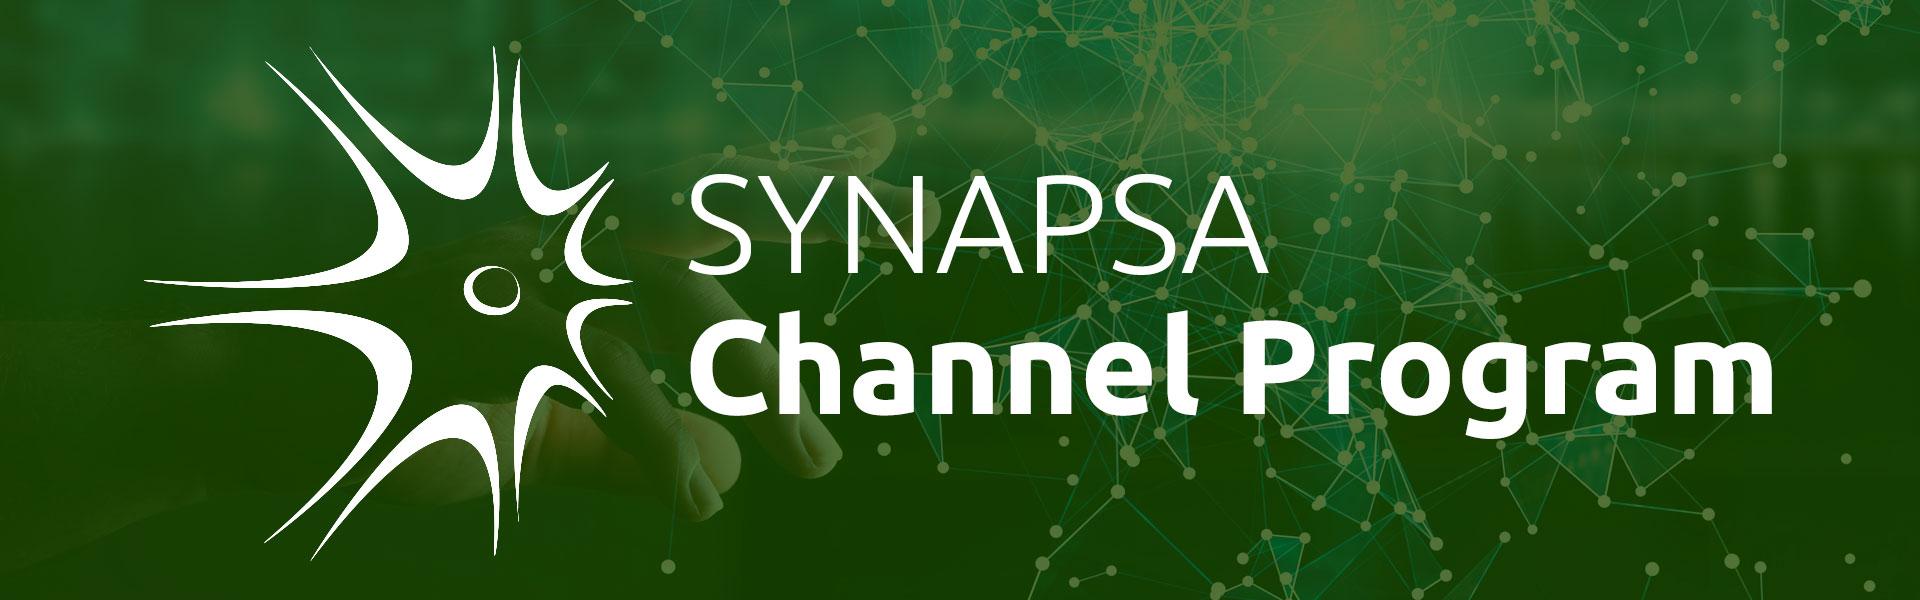 channel-program